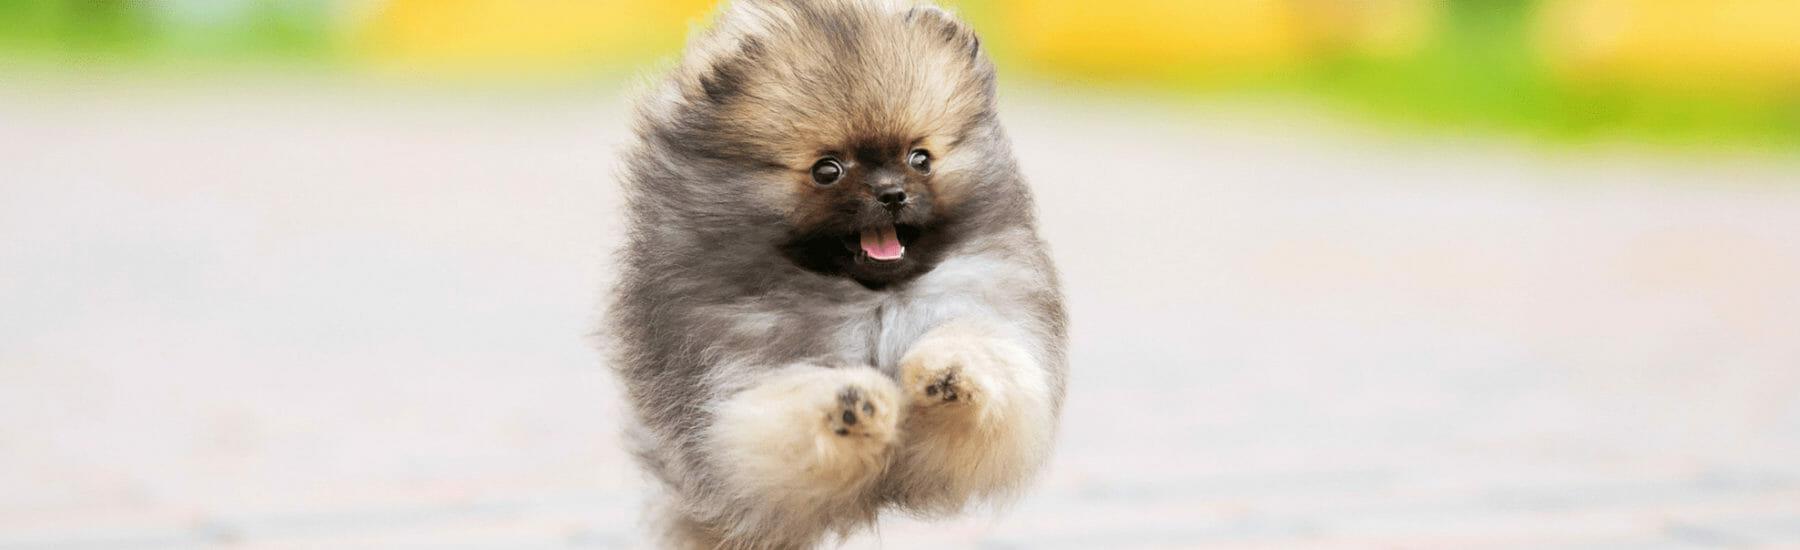 Fluffy dog jumping through air